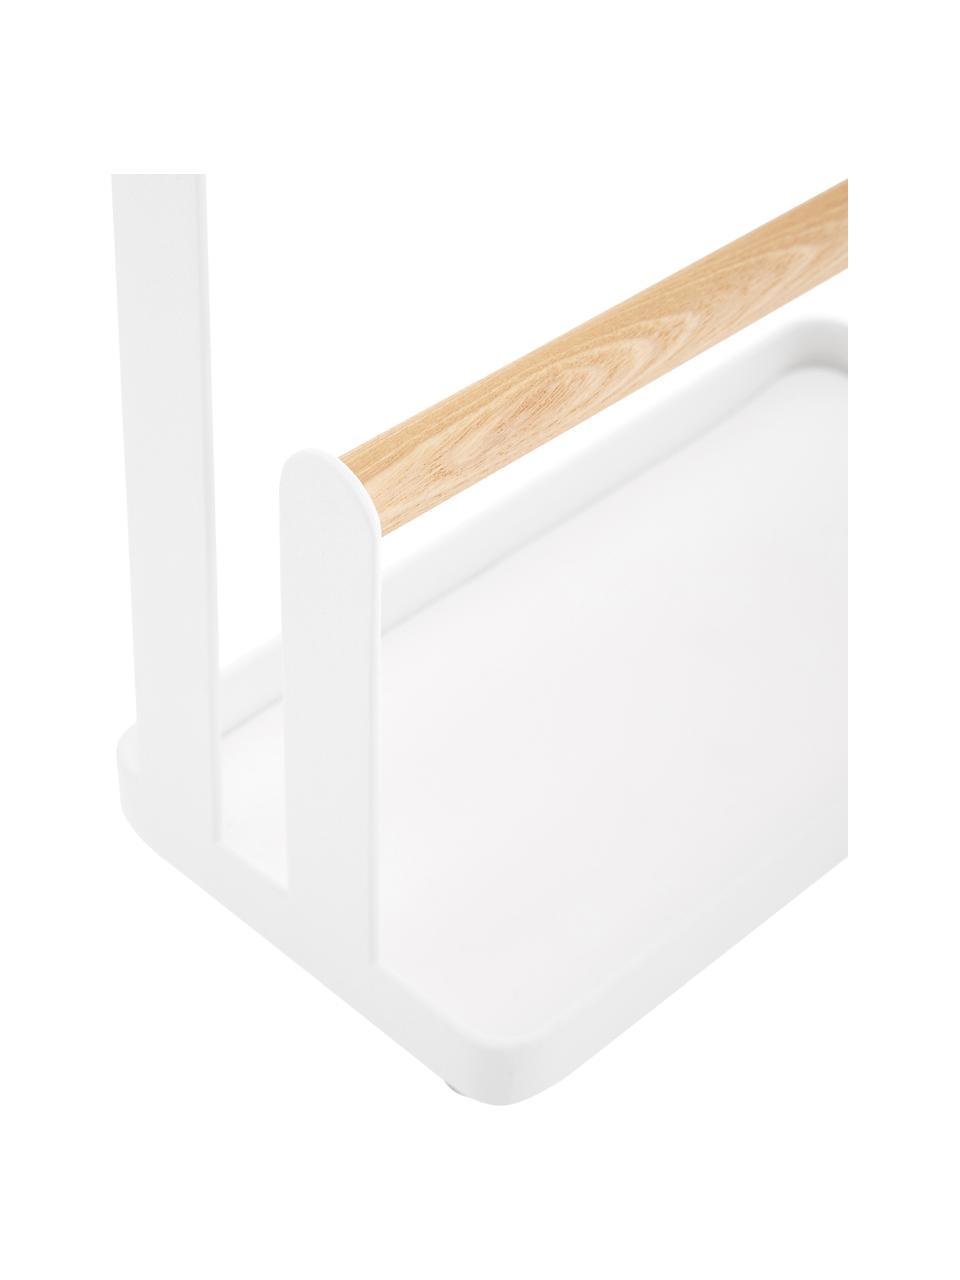 Schmuckhalter Tosca, Stange: Holz, Weiß, Braun, 20 x 29 cm